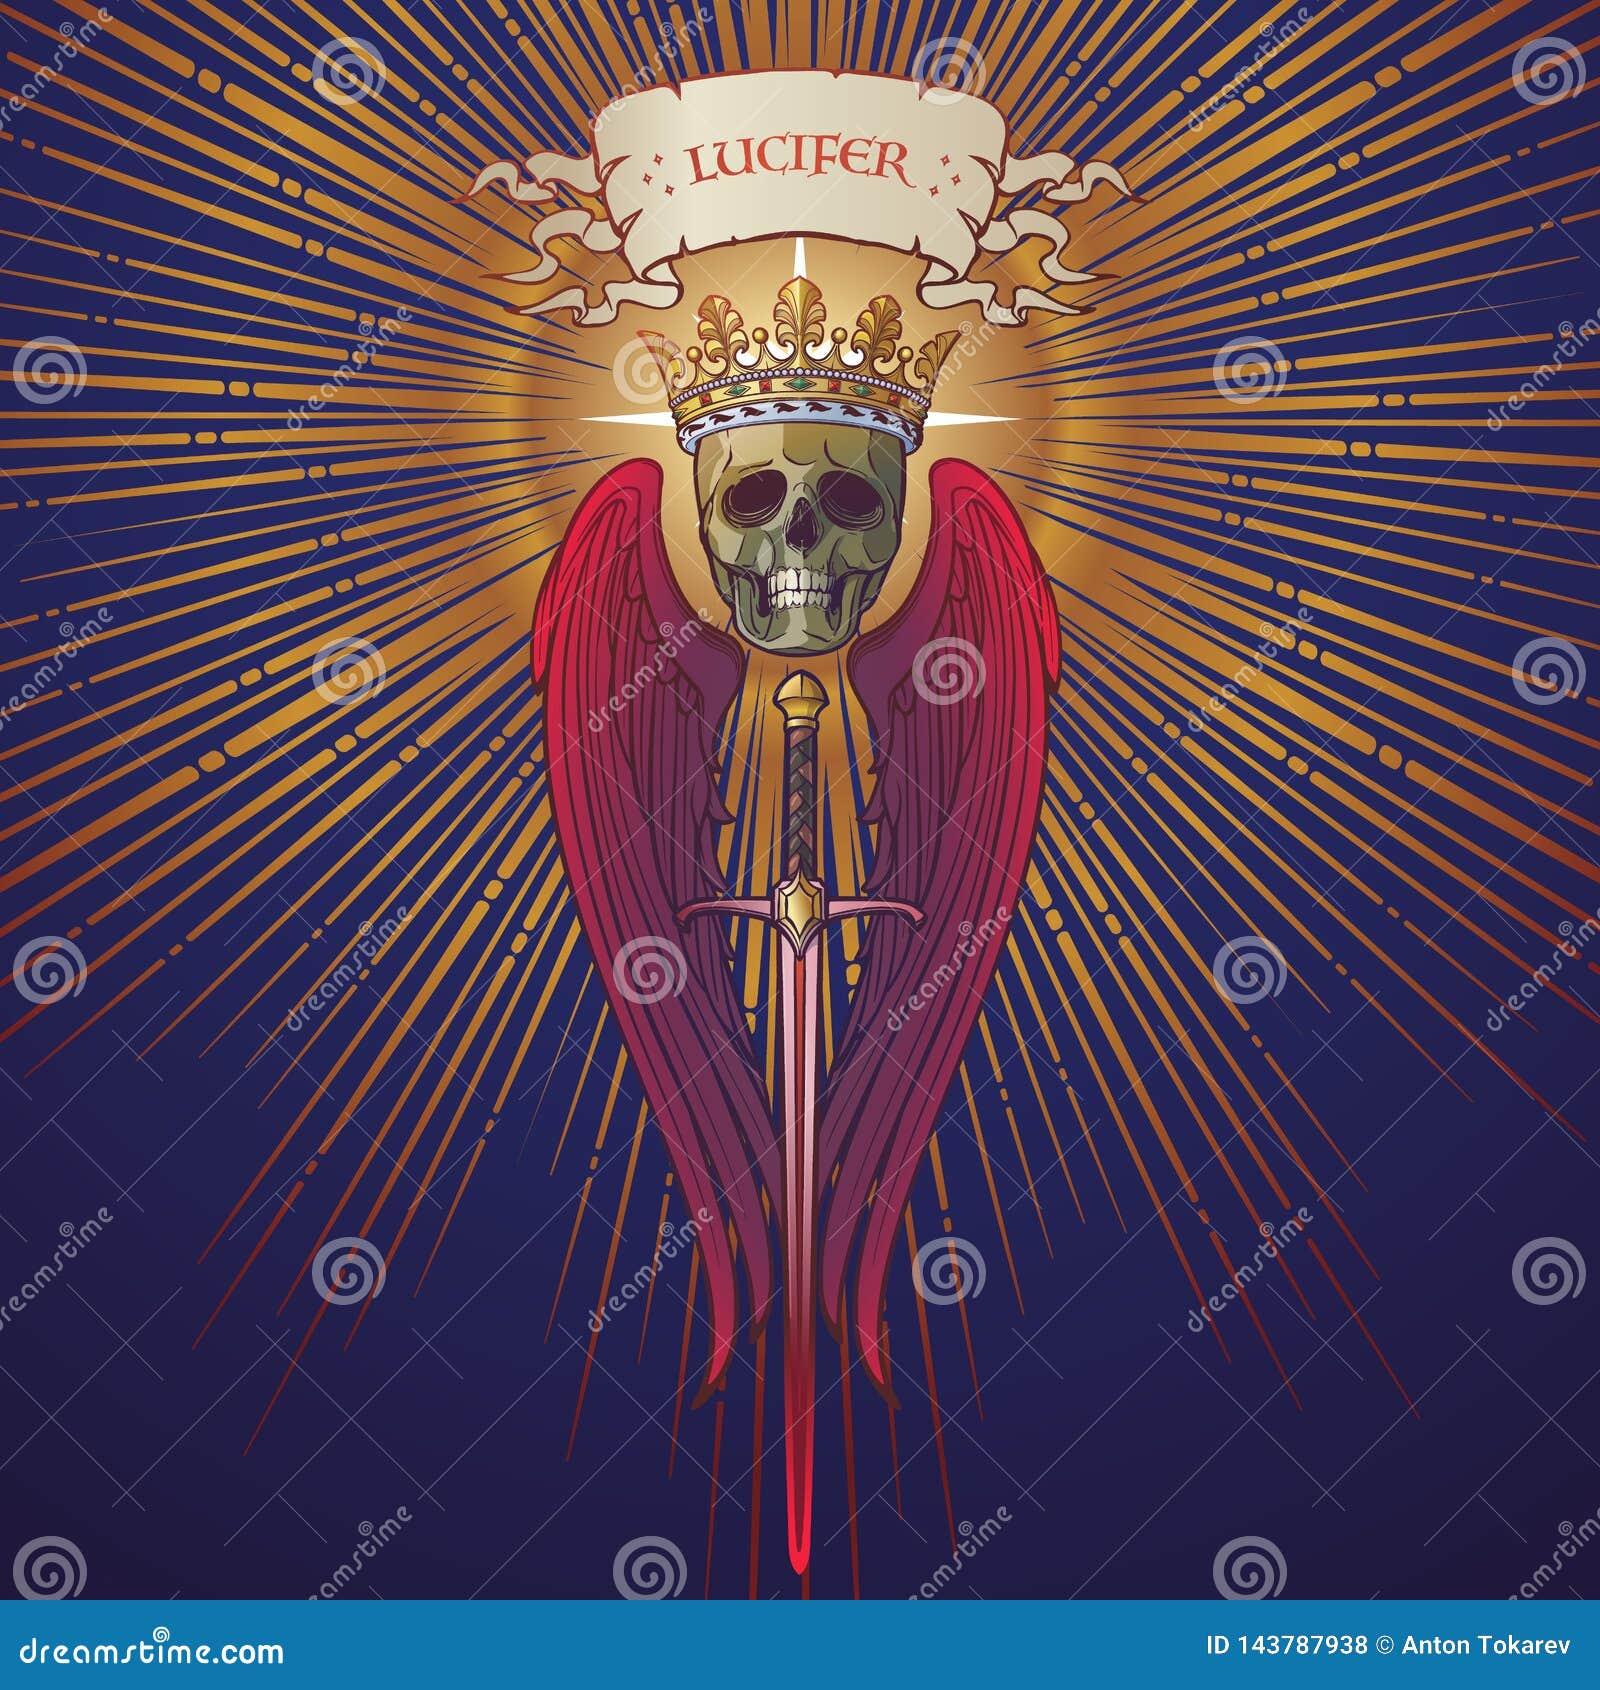 Lucifer follen ángel en un triángulo de oro con los haces luminosos que irradian detrás